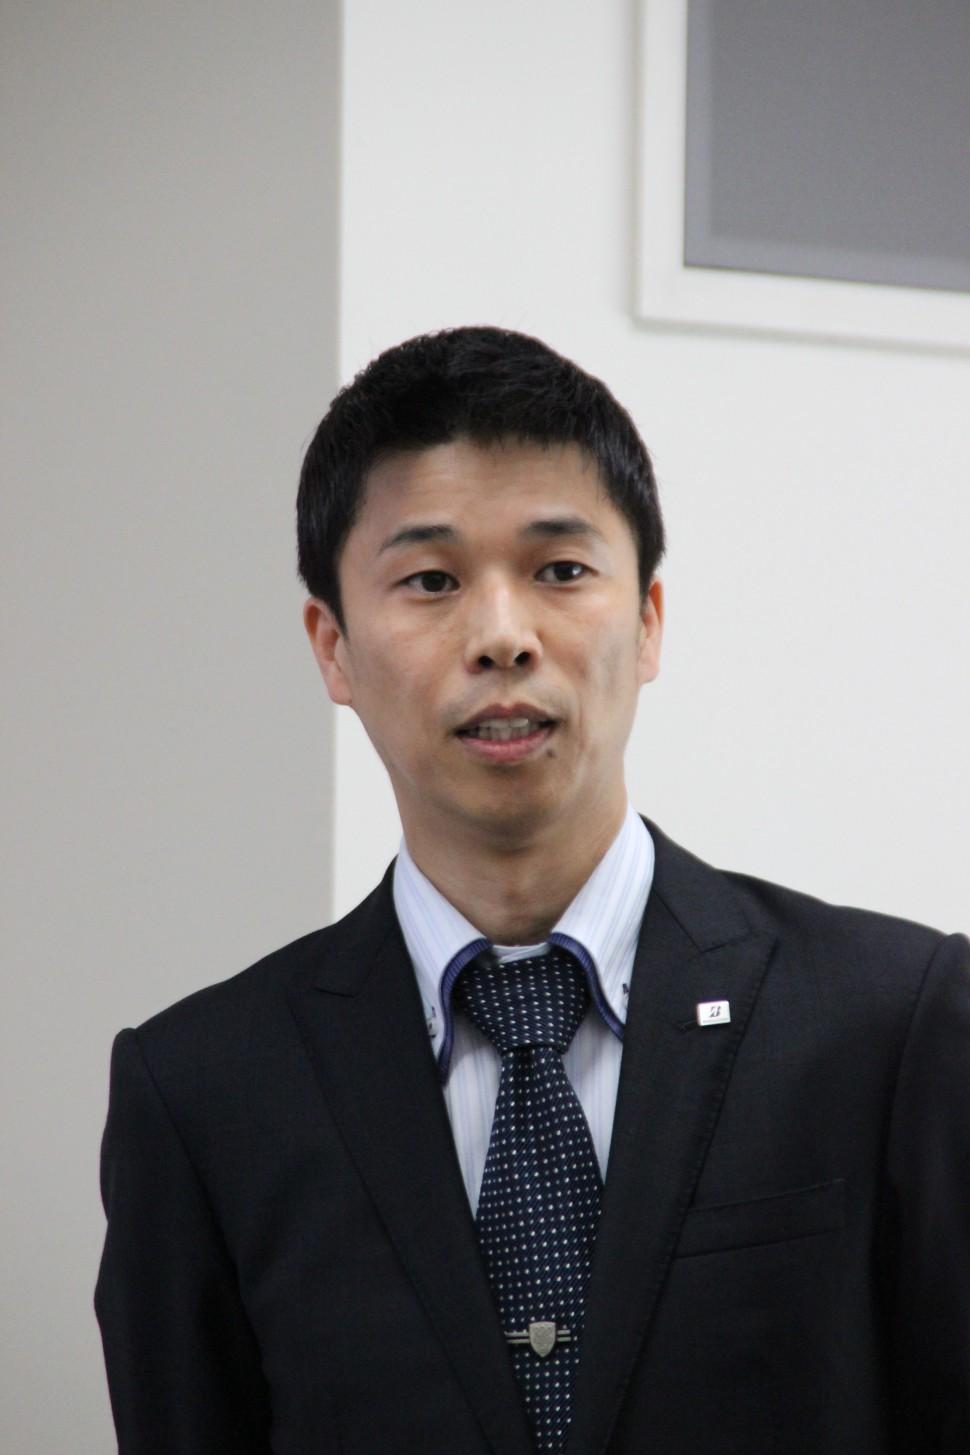 アルティメットアイの説明を行う桑山勲タイヤ研究本部操安研究ユニットフェロー